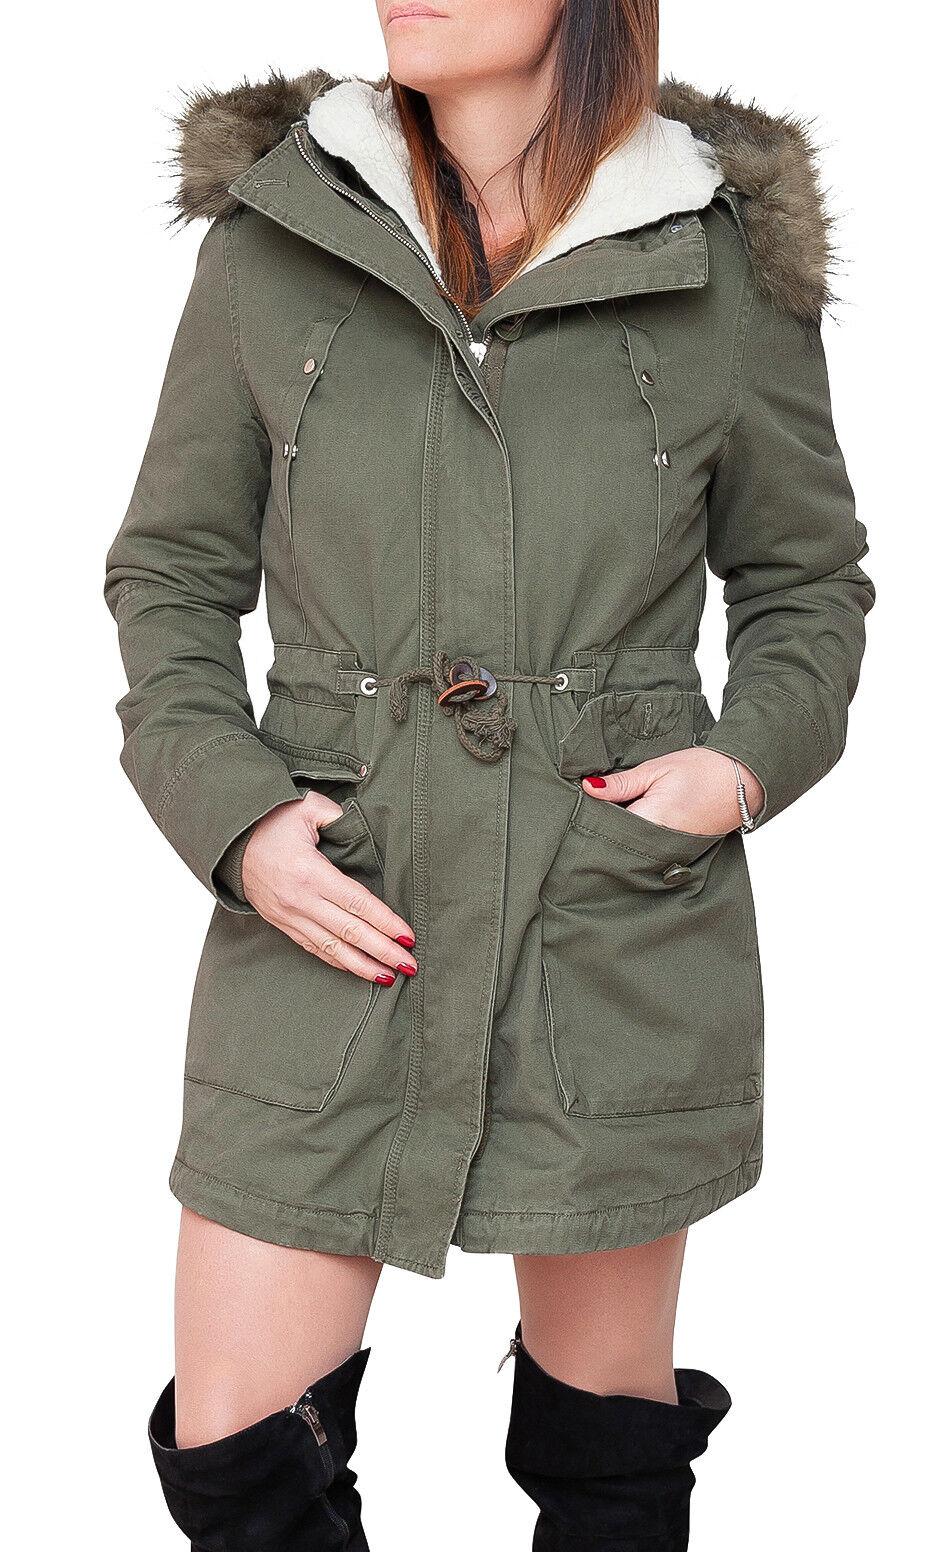 newest 3d405 f081f Parka donna Diamond invernale verde casual giacca giubbino ...